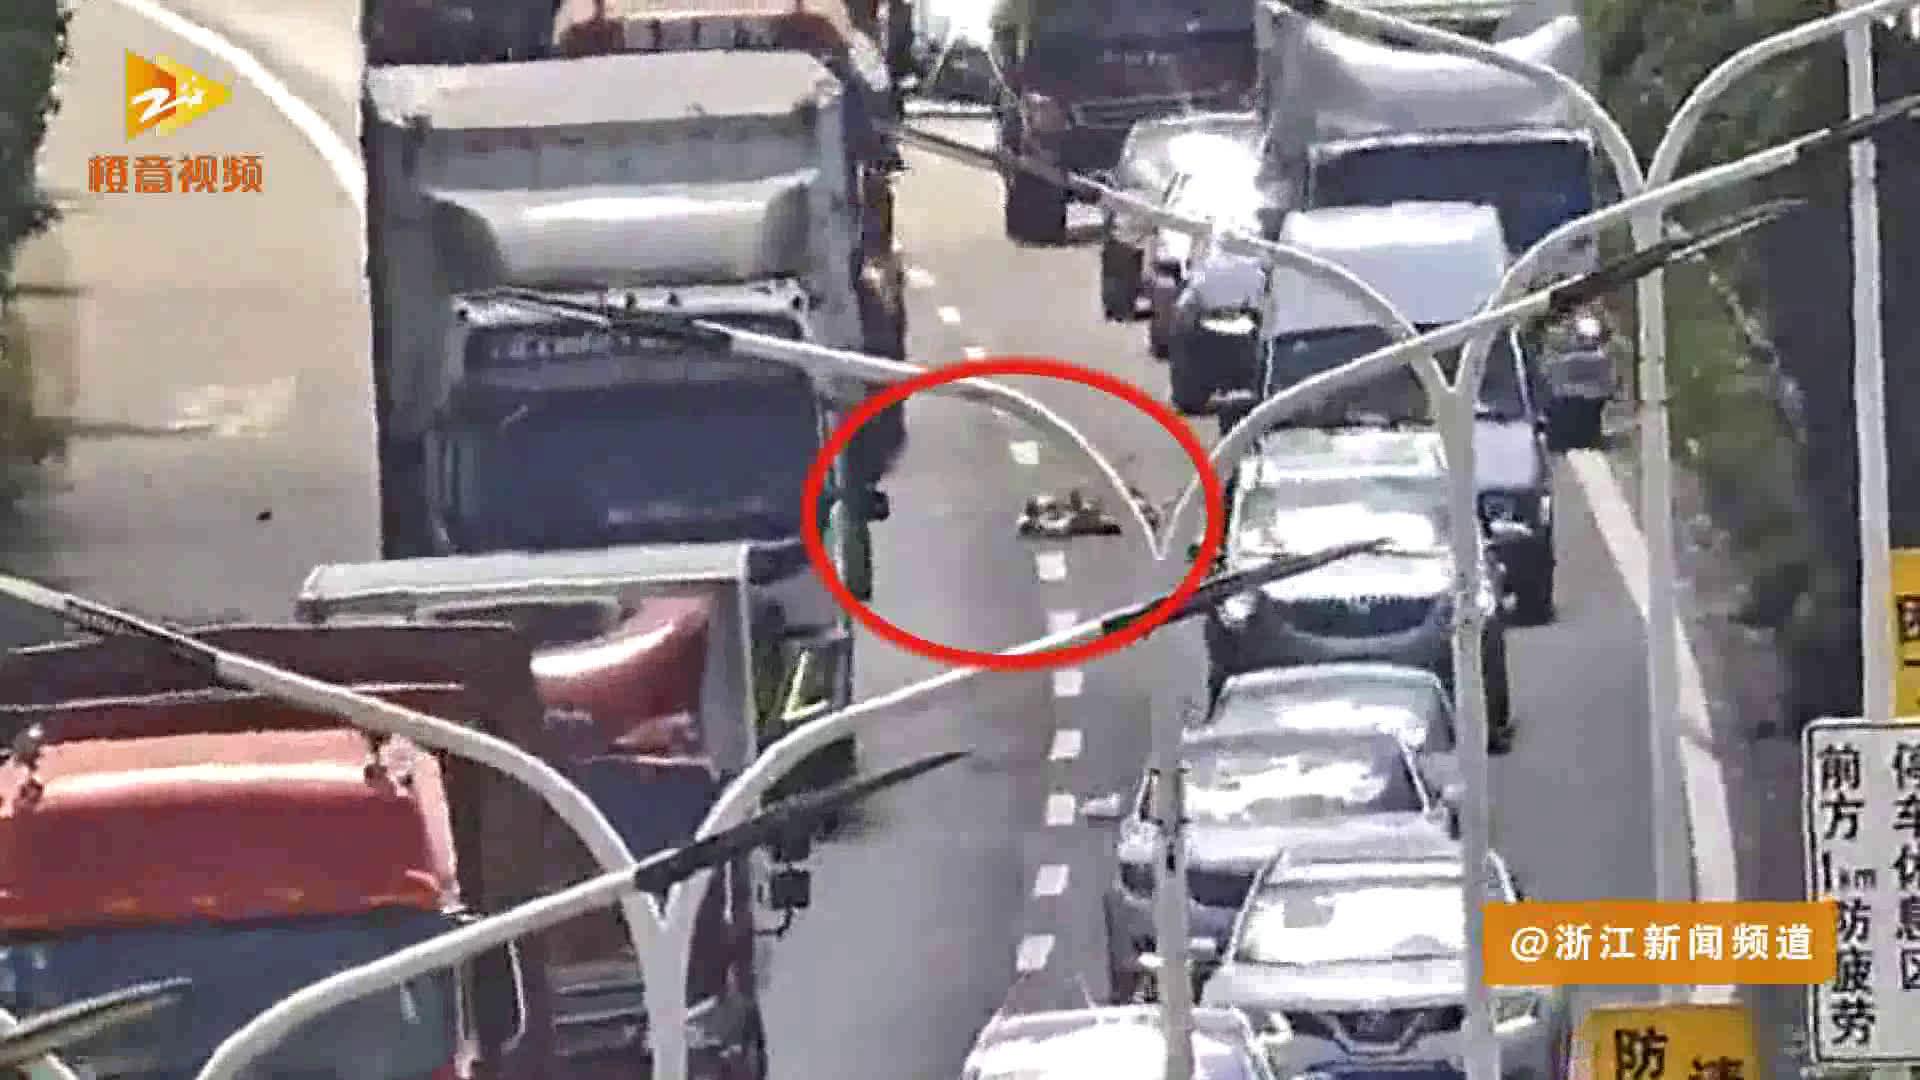 危险重重!高速上出现一堆钢管 他们帮交警一起清理